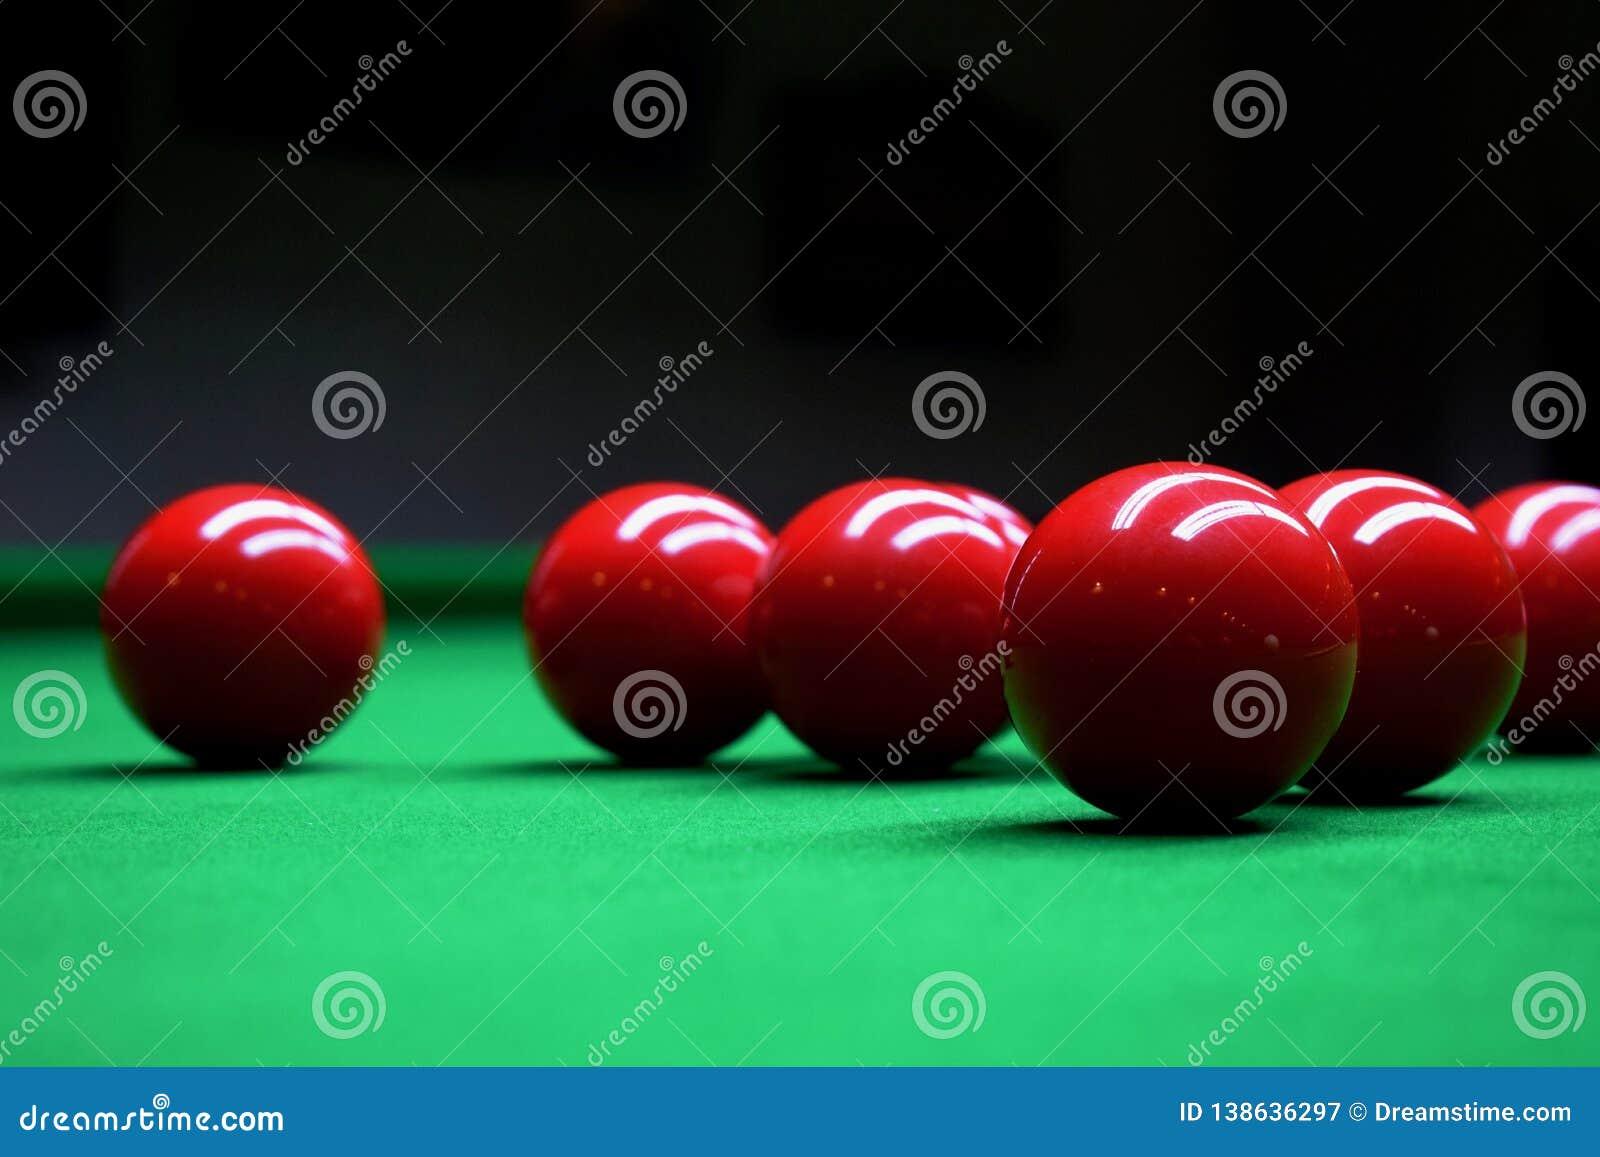 Rote Bälle Snooker Billard